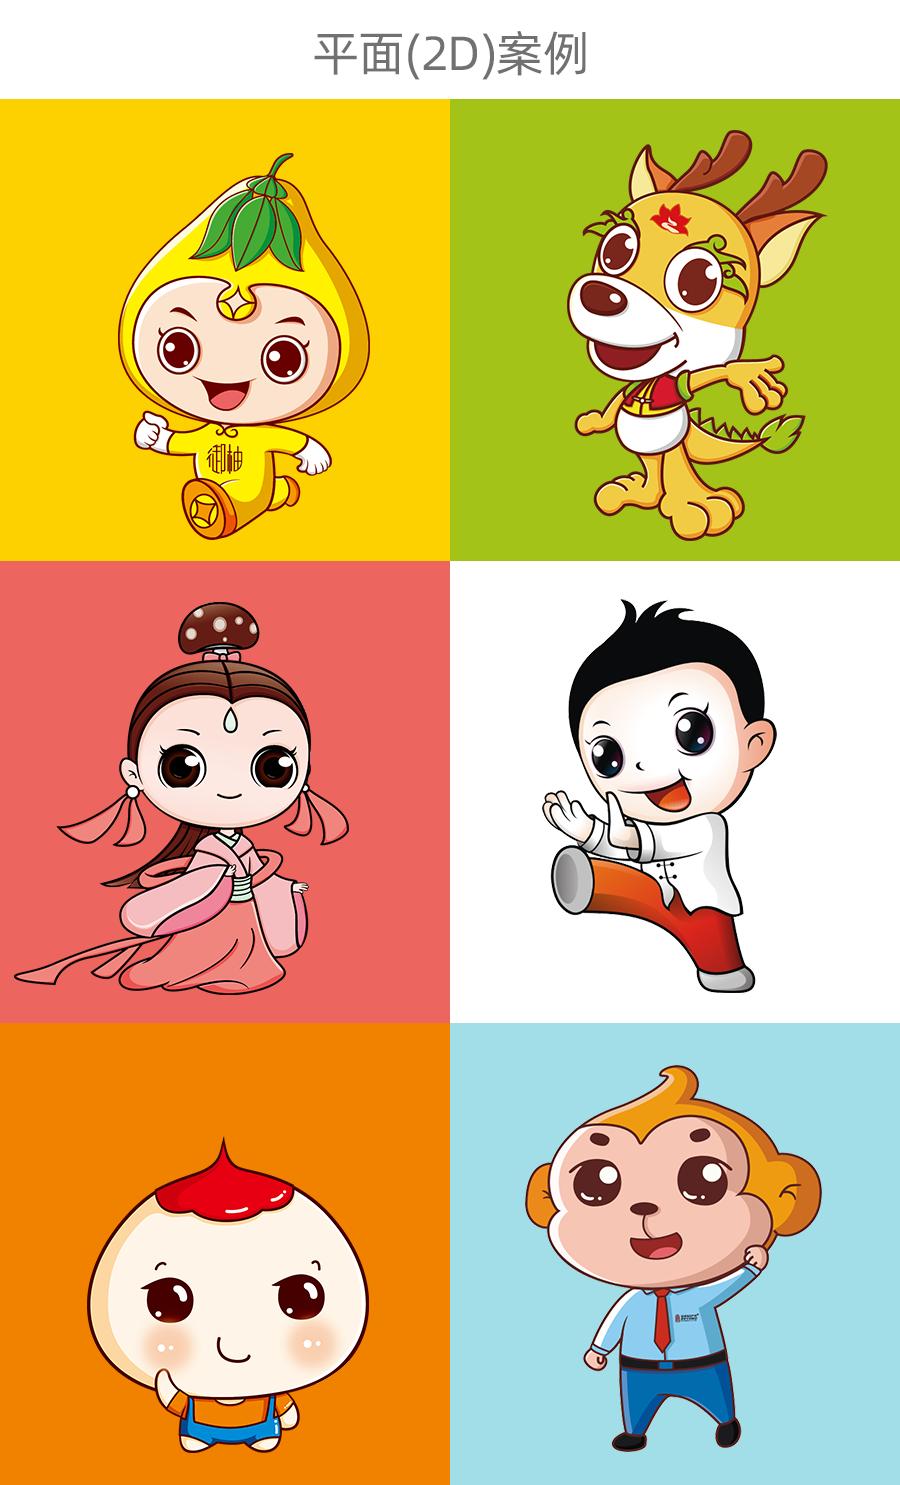 品牌卡通IP设计_企业平面设计-郑州火鱼文化传媒有限公司